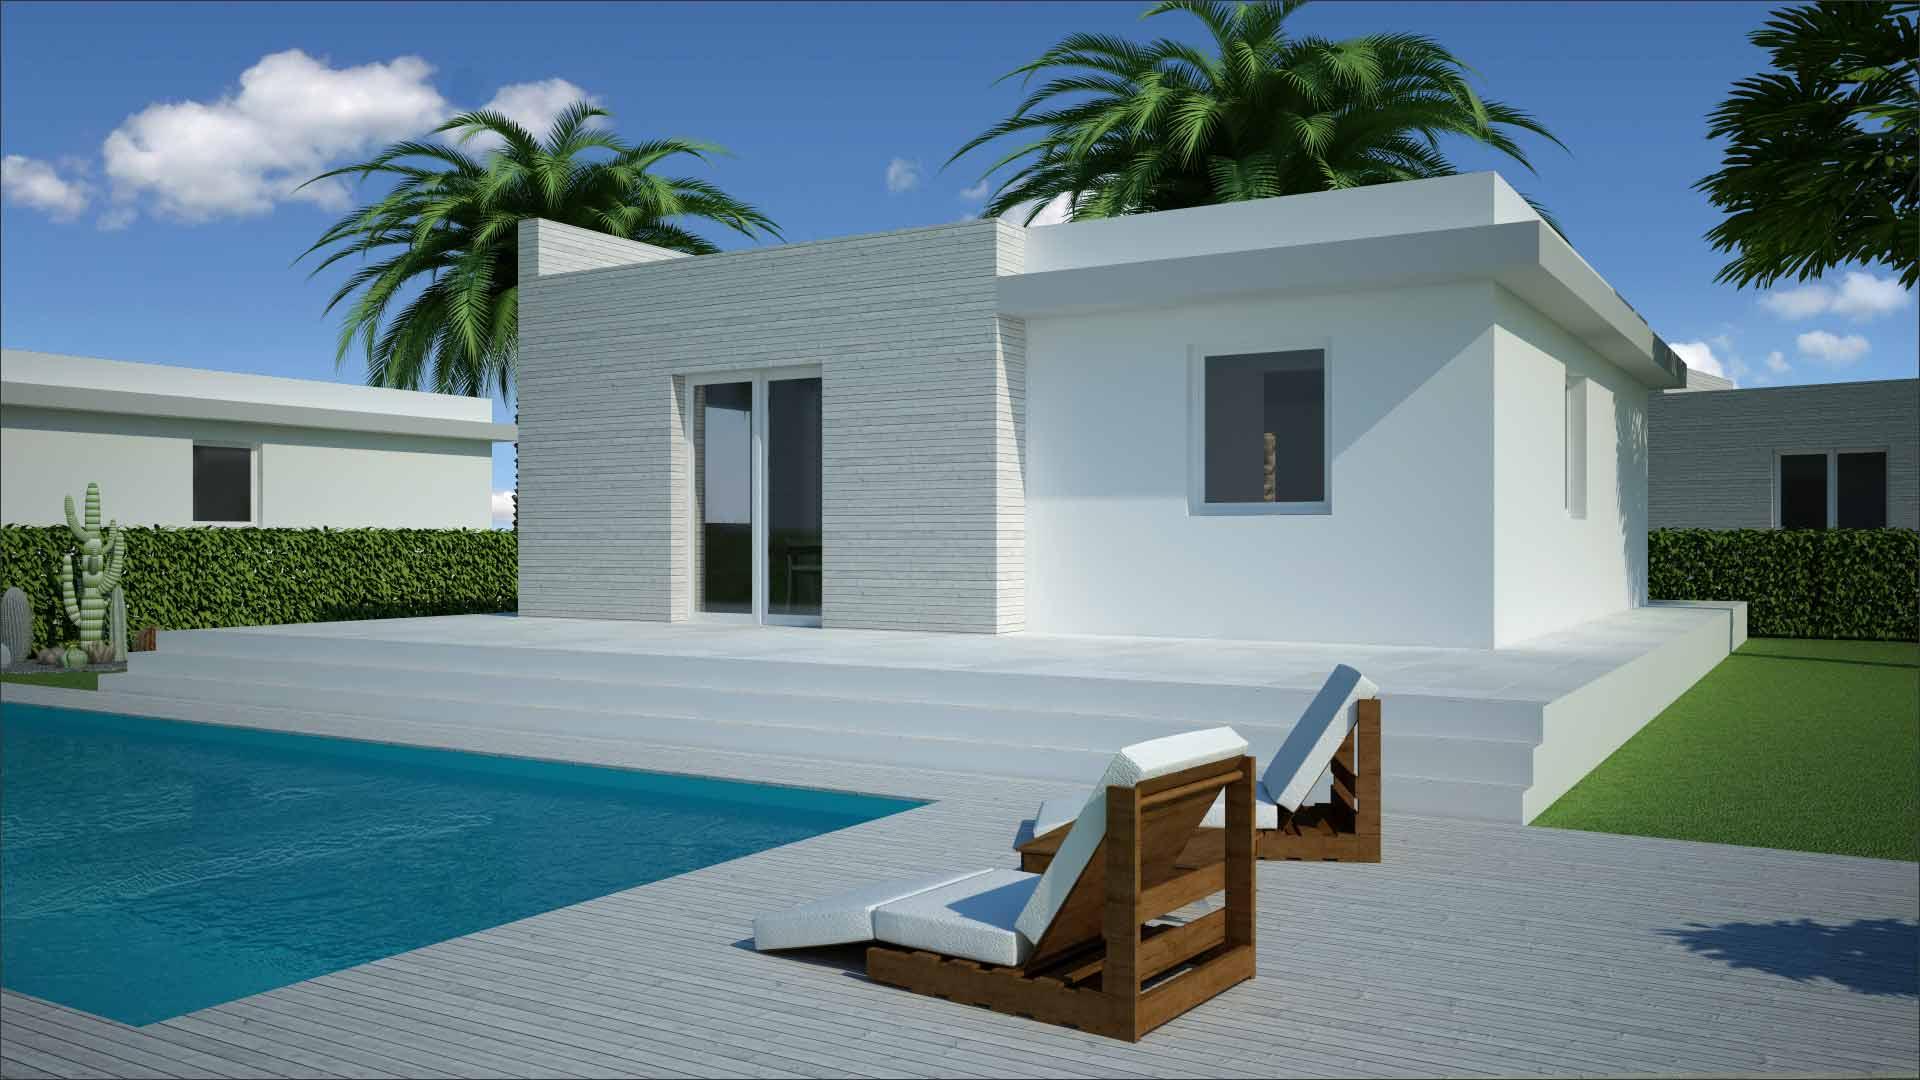 Villette a schiera 2012 gioire design for Immagini villette